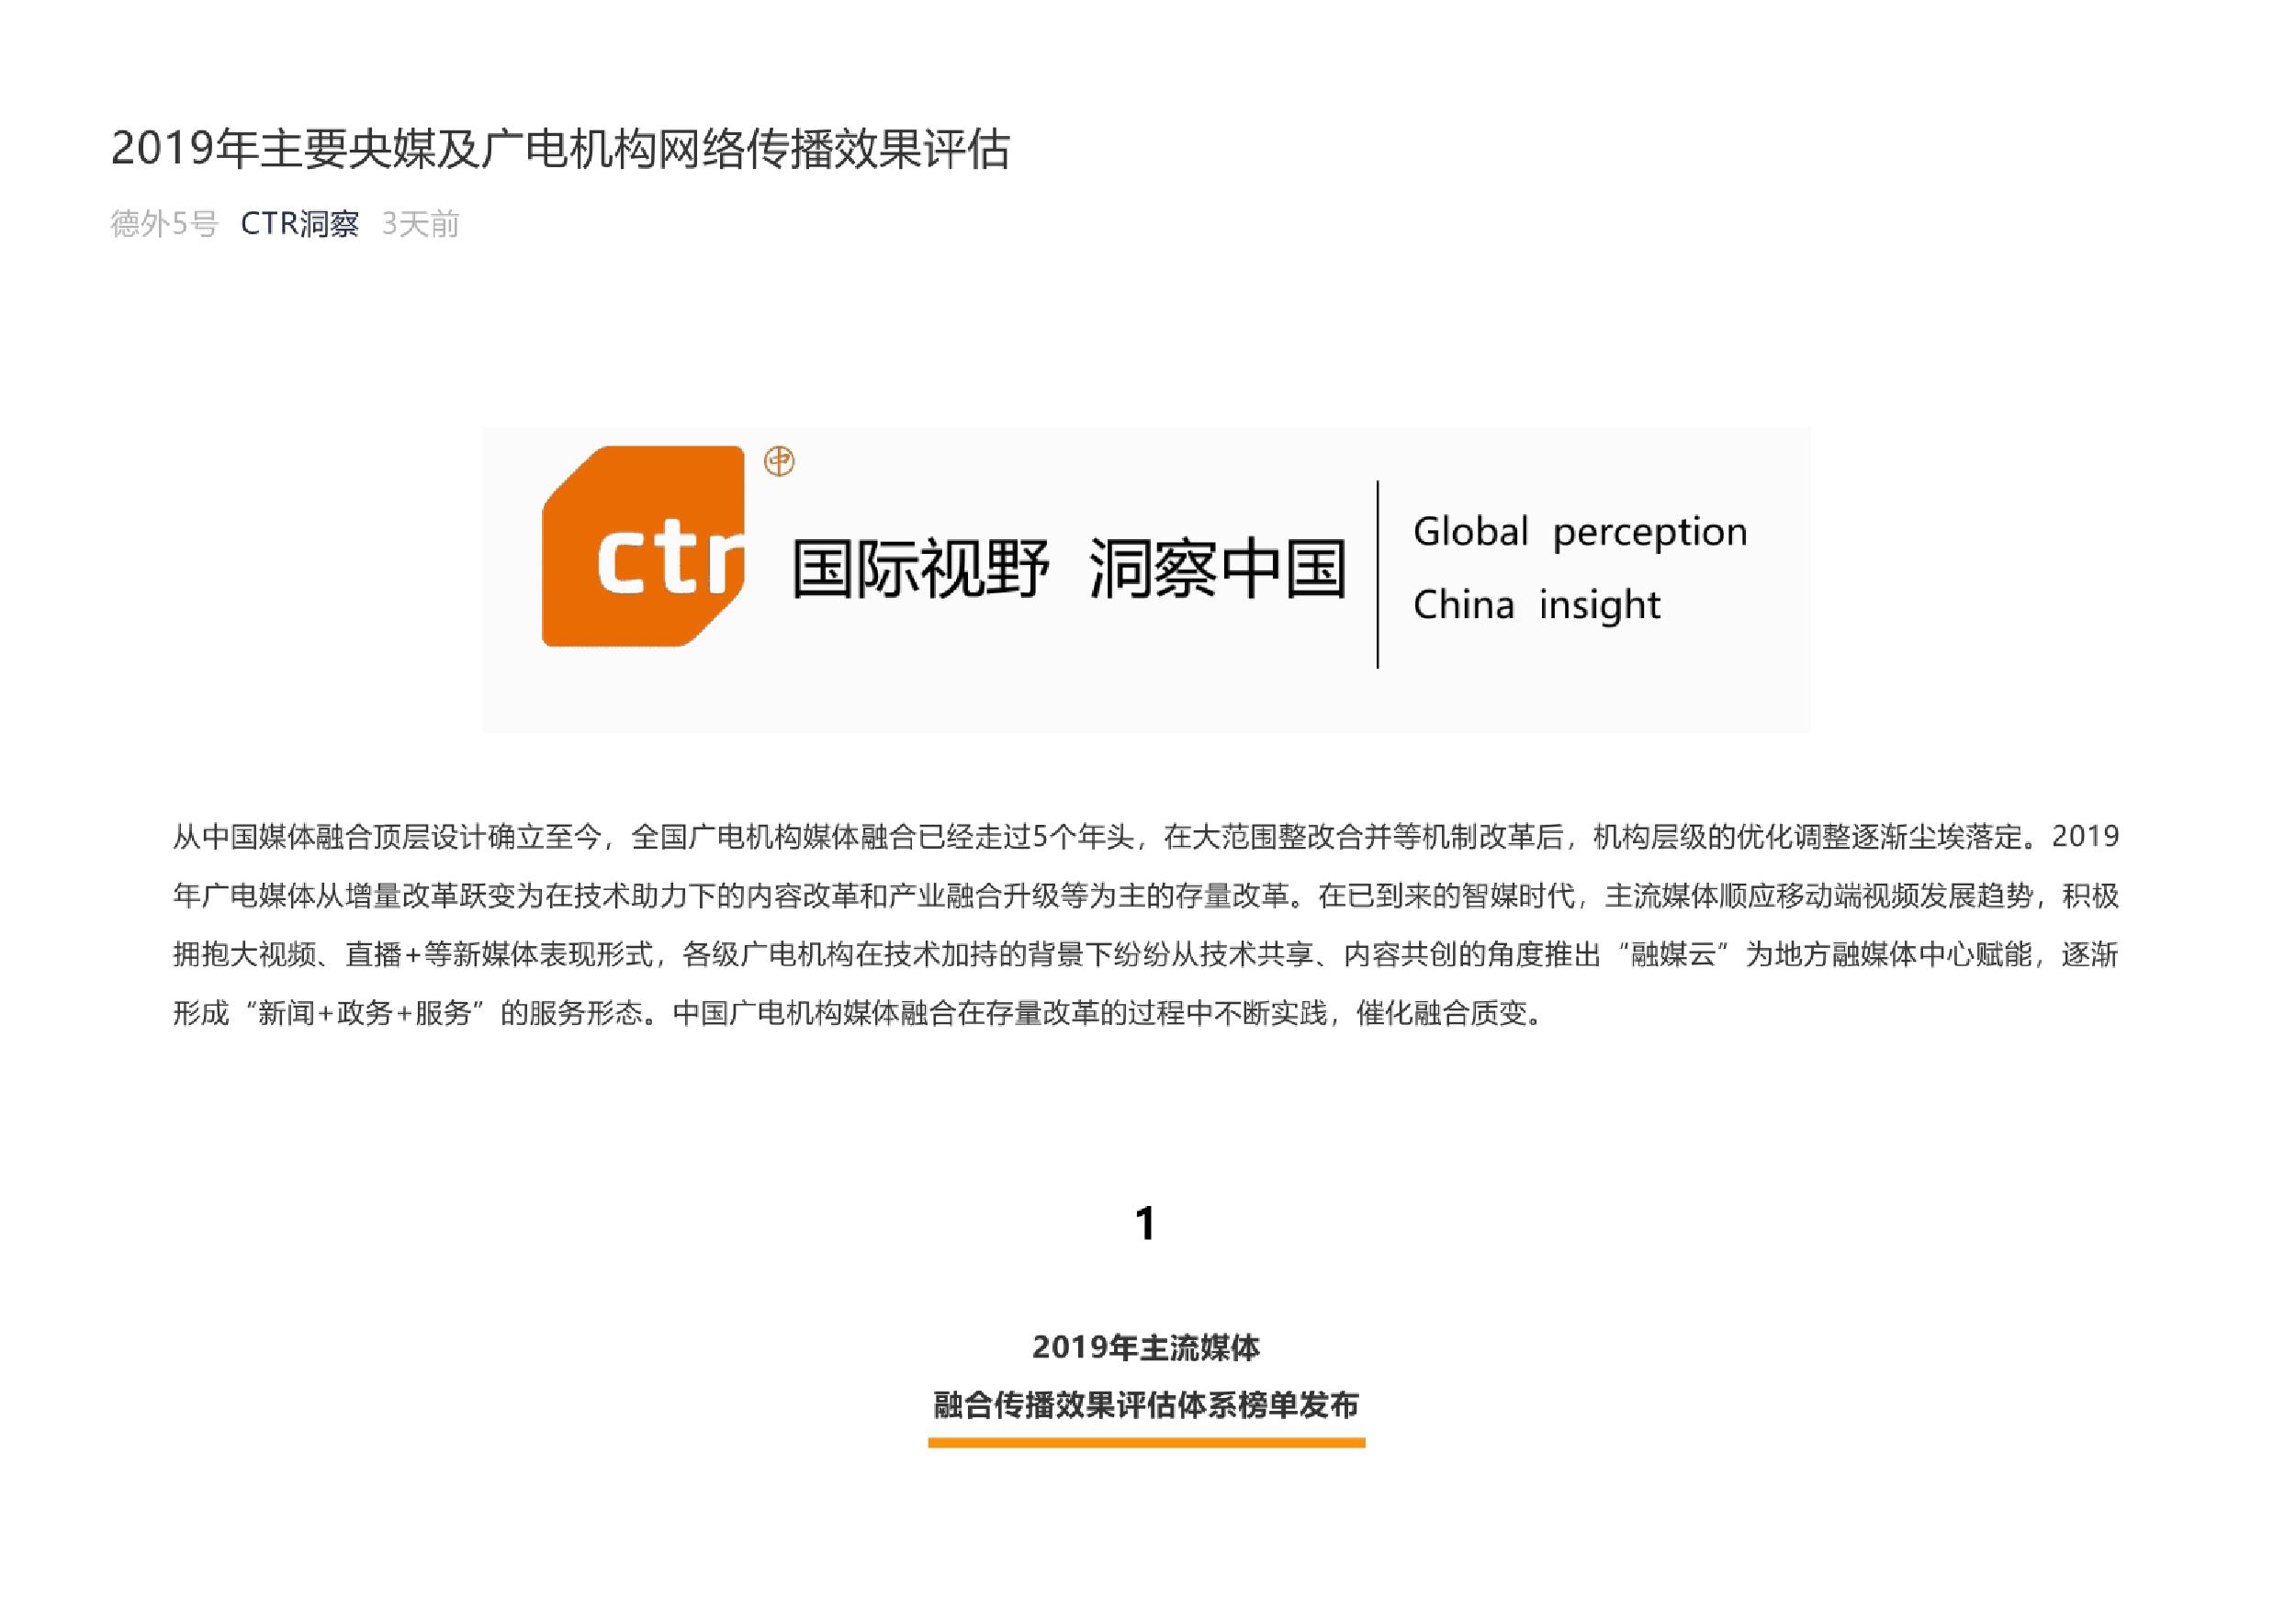 2019年主要央媒及广电机构网络传播效果评估